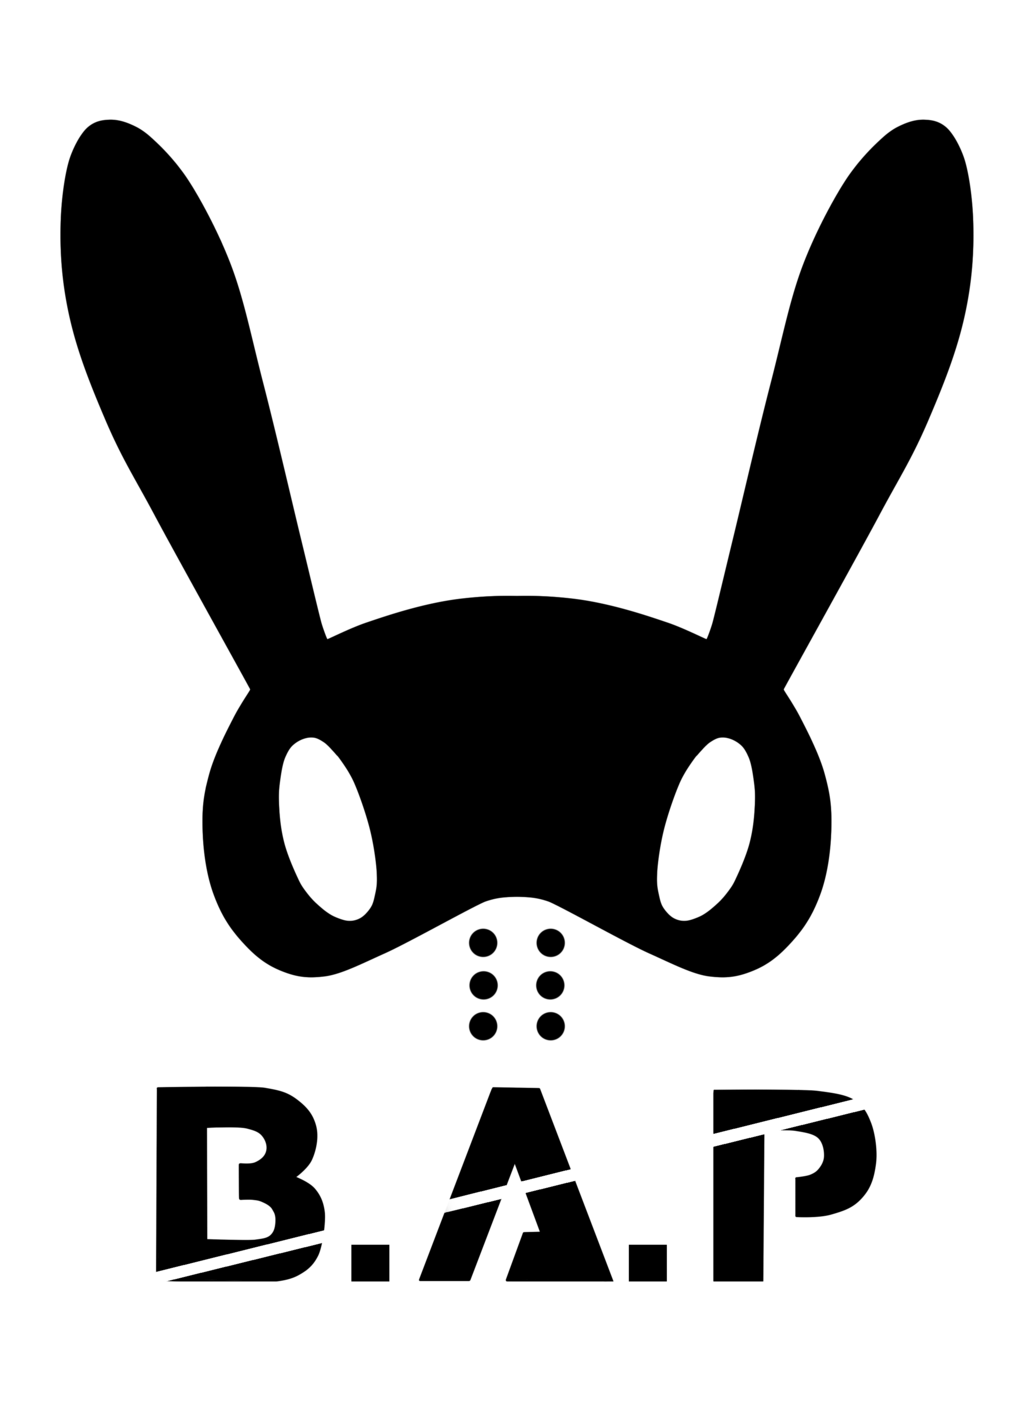 http://static.tumblr.com/6b0974cf7d284bf96e553d51214669ff/wfafoyf/Exfmotxt2/tumblr_static_tumblr_static_logo.png